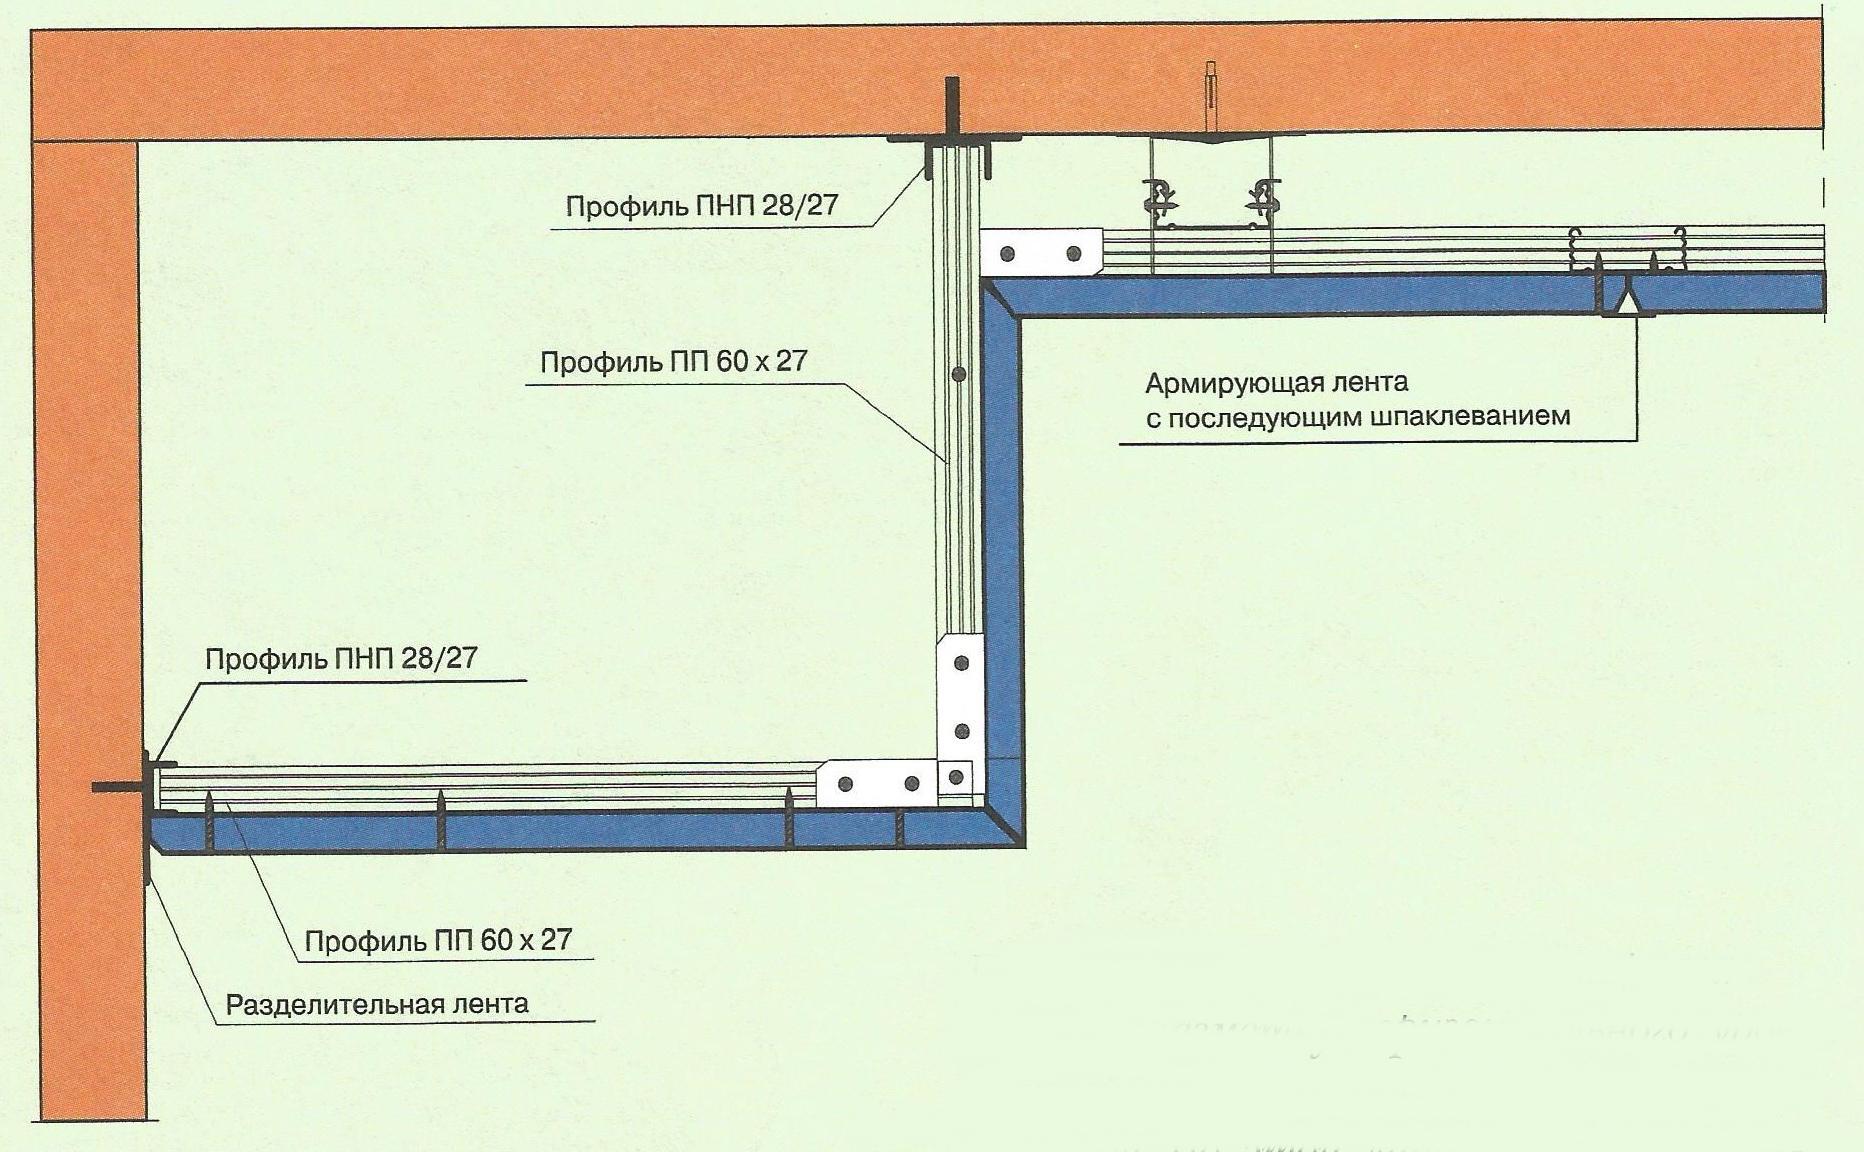 Двухуровневые натяжные потолки с подсветкой схема